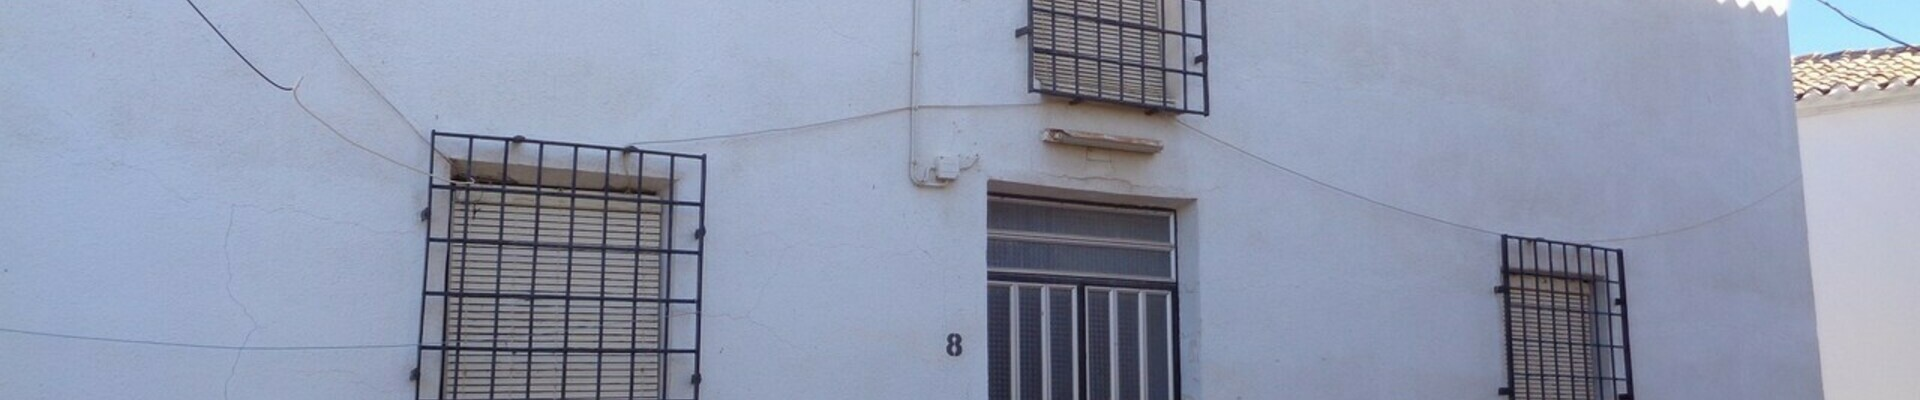 AF691: 4 Bedroom Cortijo for Sale